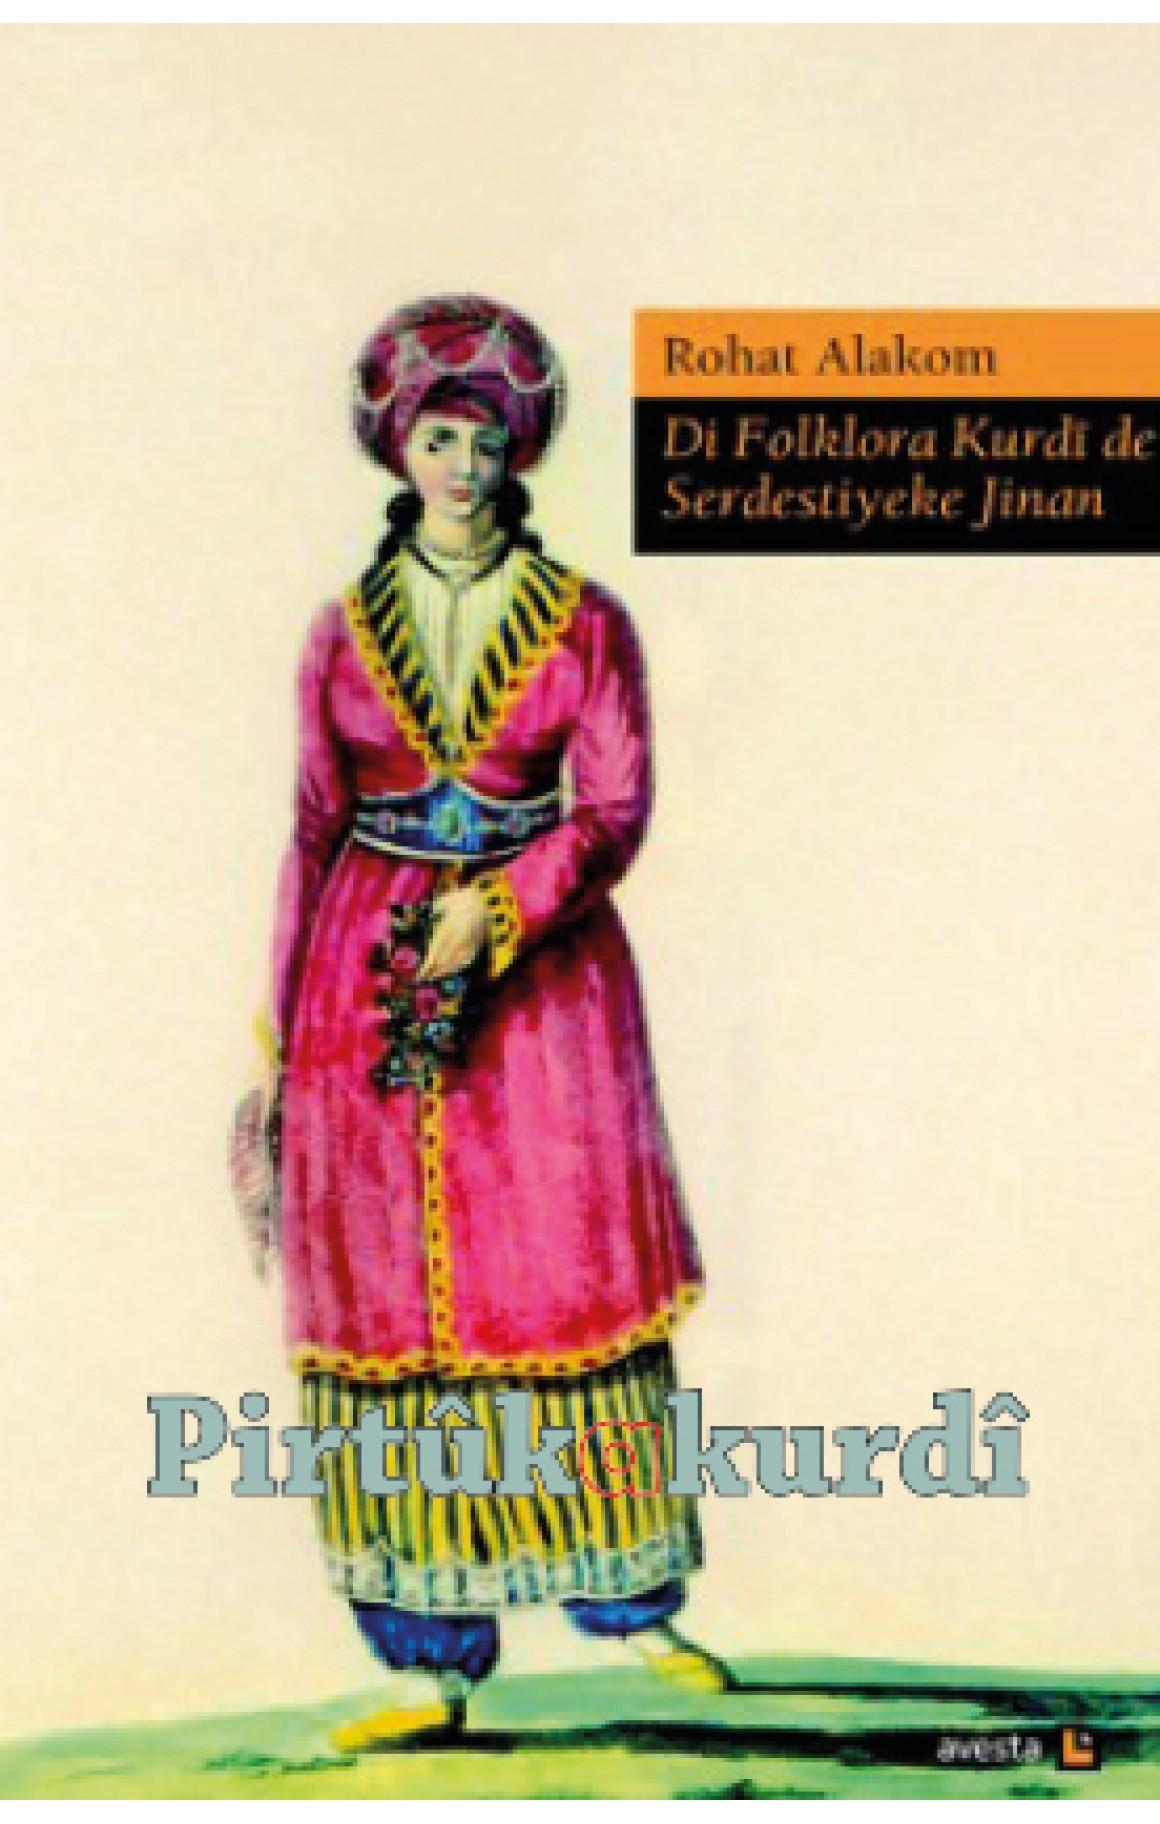 Di Folklora Kurdî de Serdestiyeke Jinan